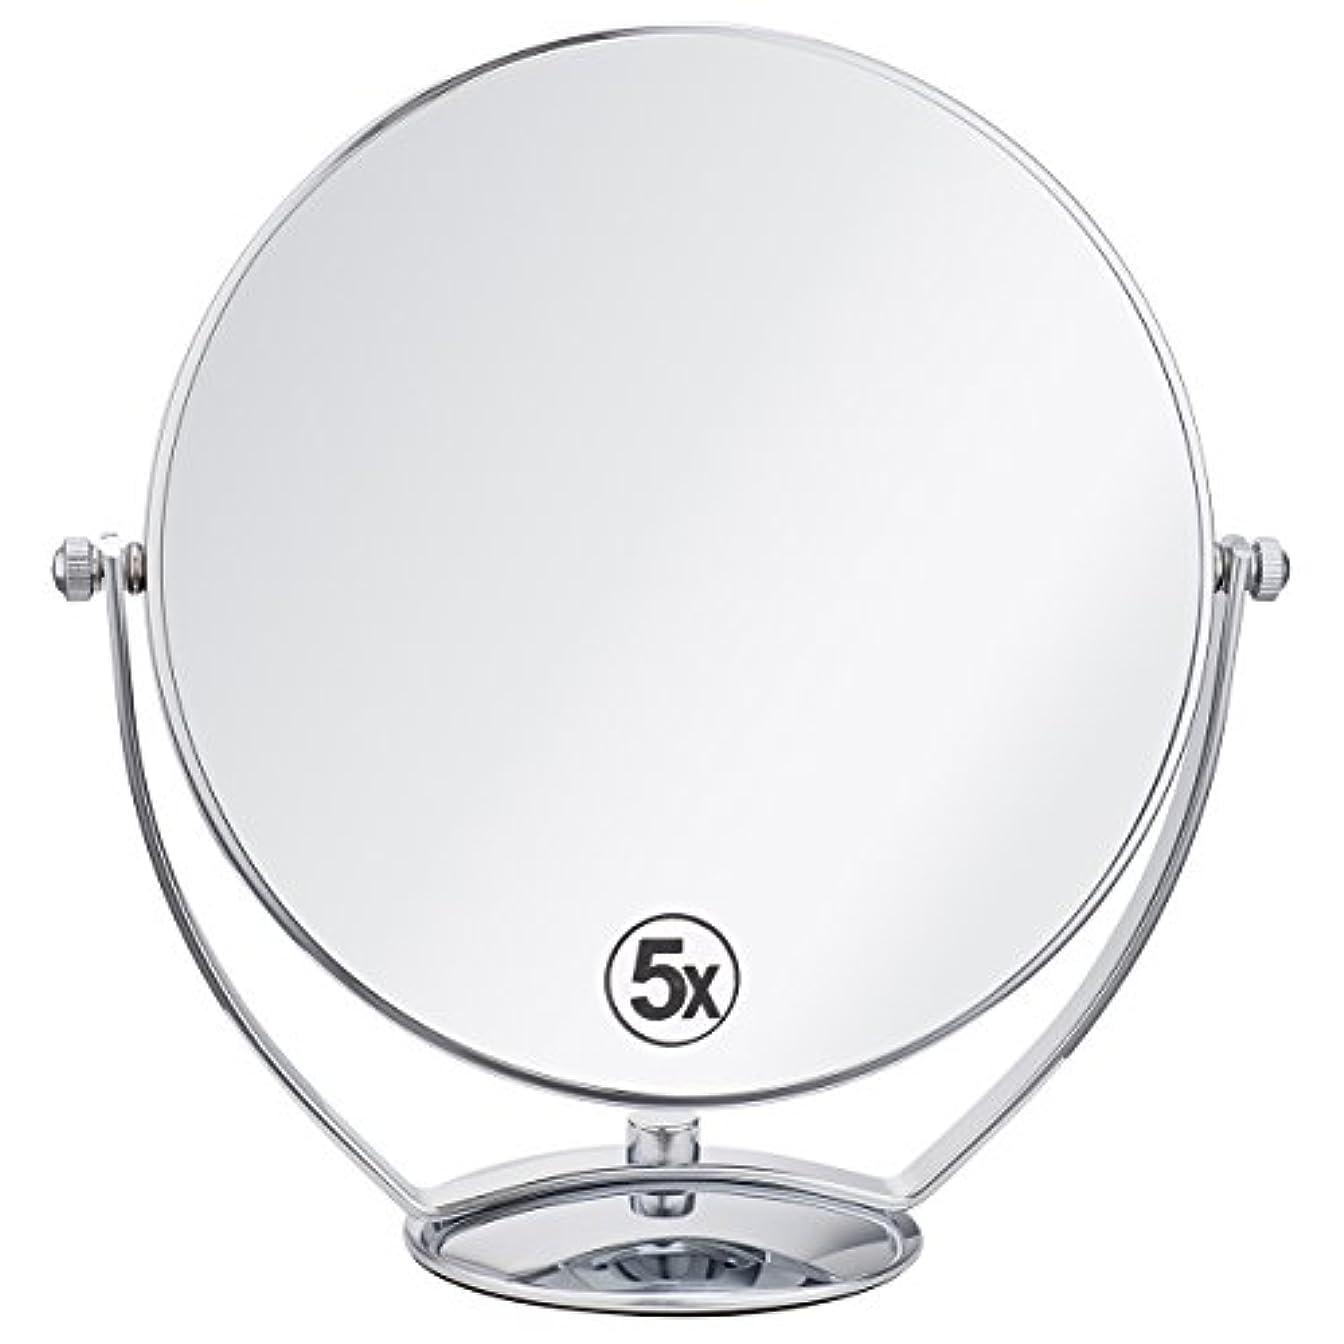 敬科学者バルコニー(セーディコ)Cerdeco 西洋風鏡 真実の両面鏡DX 5倍拡大鏡+等倍鏡 両面化粧鏡 360度回転 卓上鏡 スタンドミラー メイク道具 大きい鏡面φ198mm j823